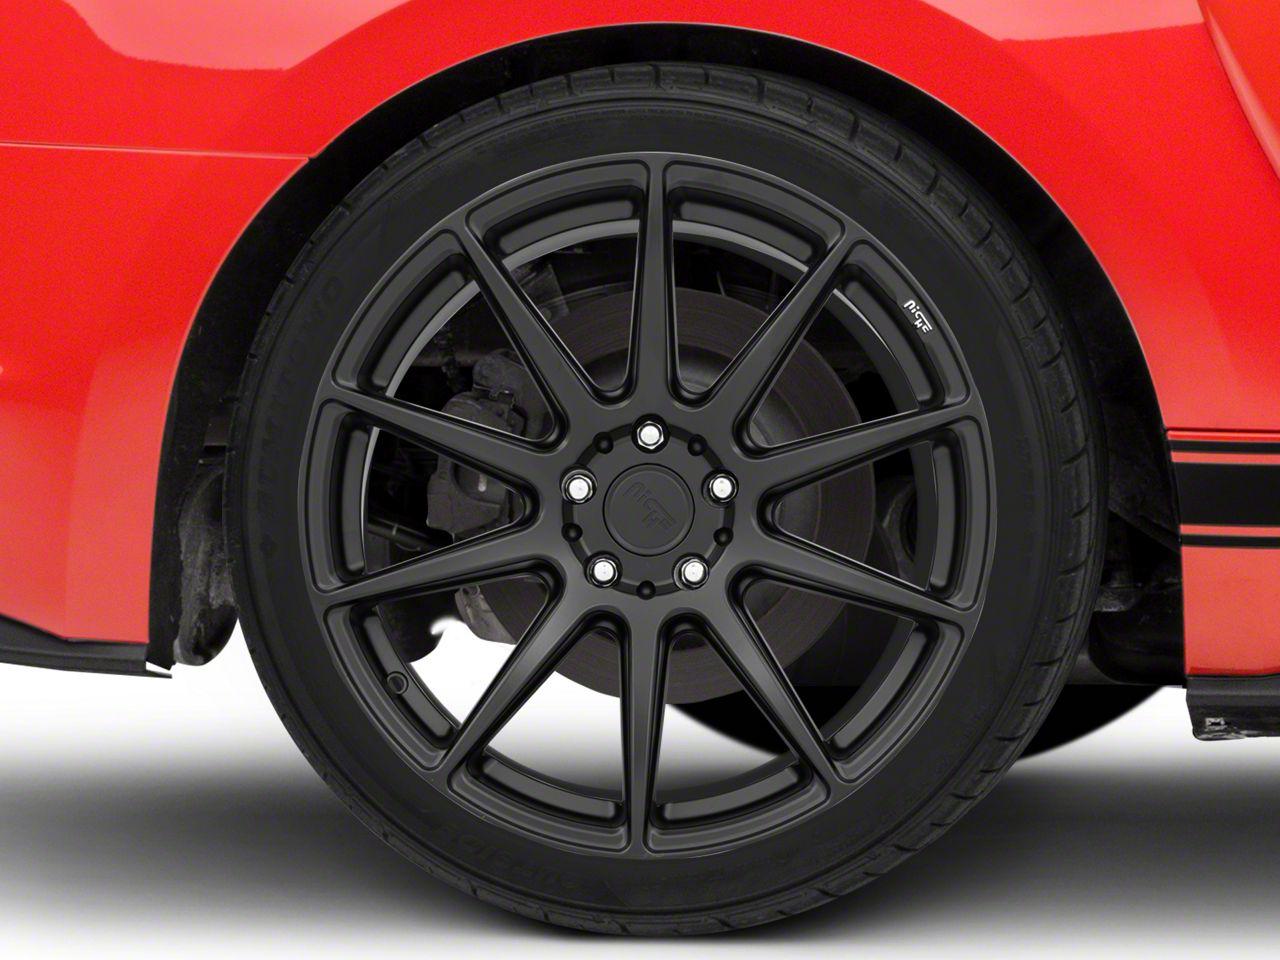 Niche Essen Matte Black Wheel 19x10 - Rear Only (15-19 All)